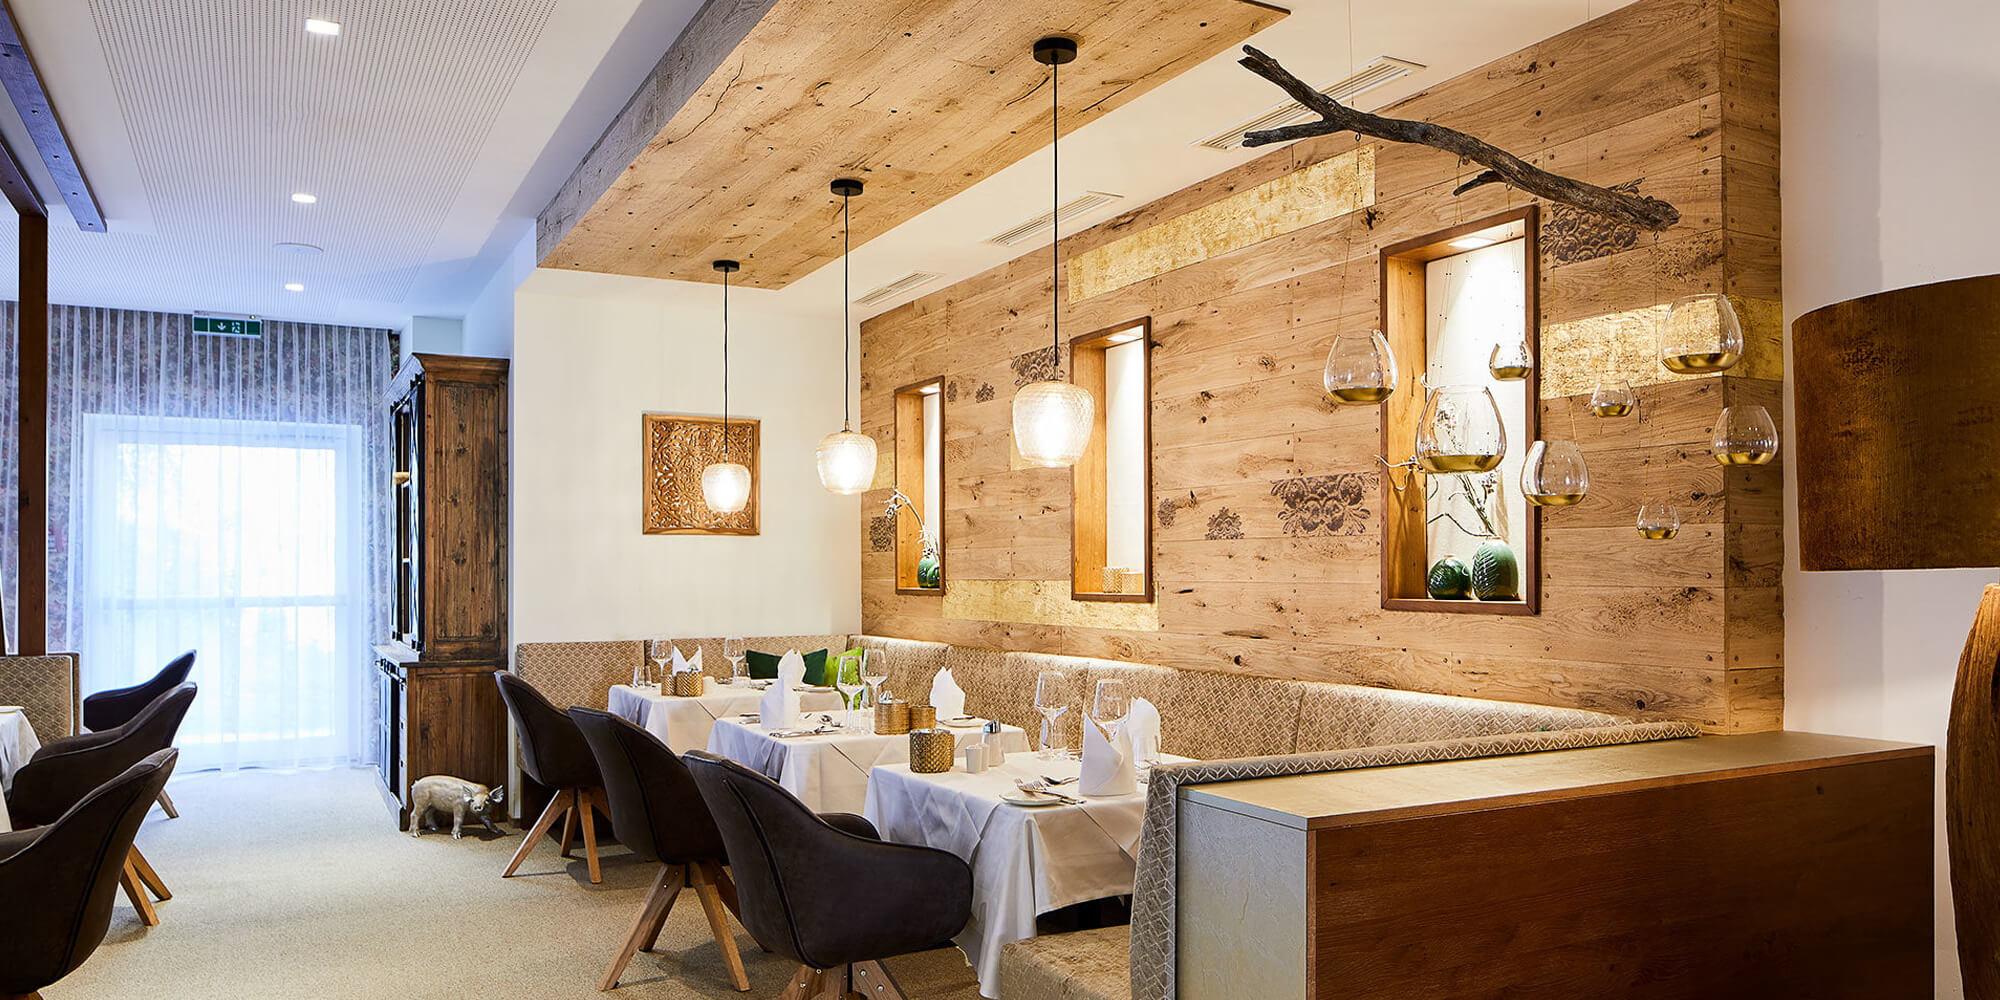 Crea-Plan-Design-Rauch-Frühmann-Architektur-Innenarchitektur-Design-Projekt-Referenz-Hotelerie-Gastronomie-Hotel-Guglwald-Restaurant-C